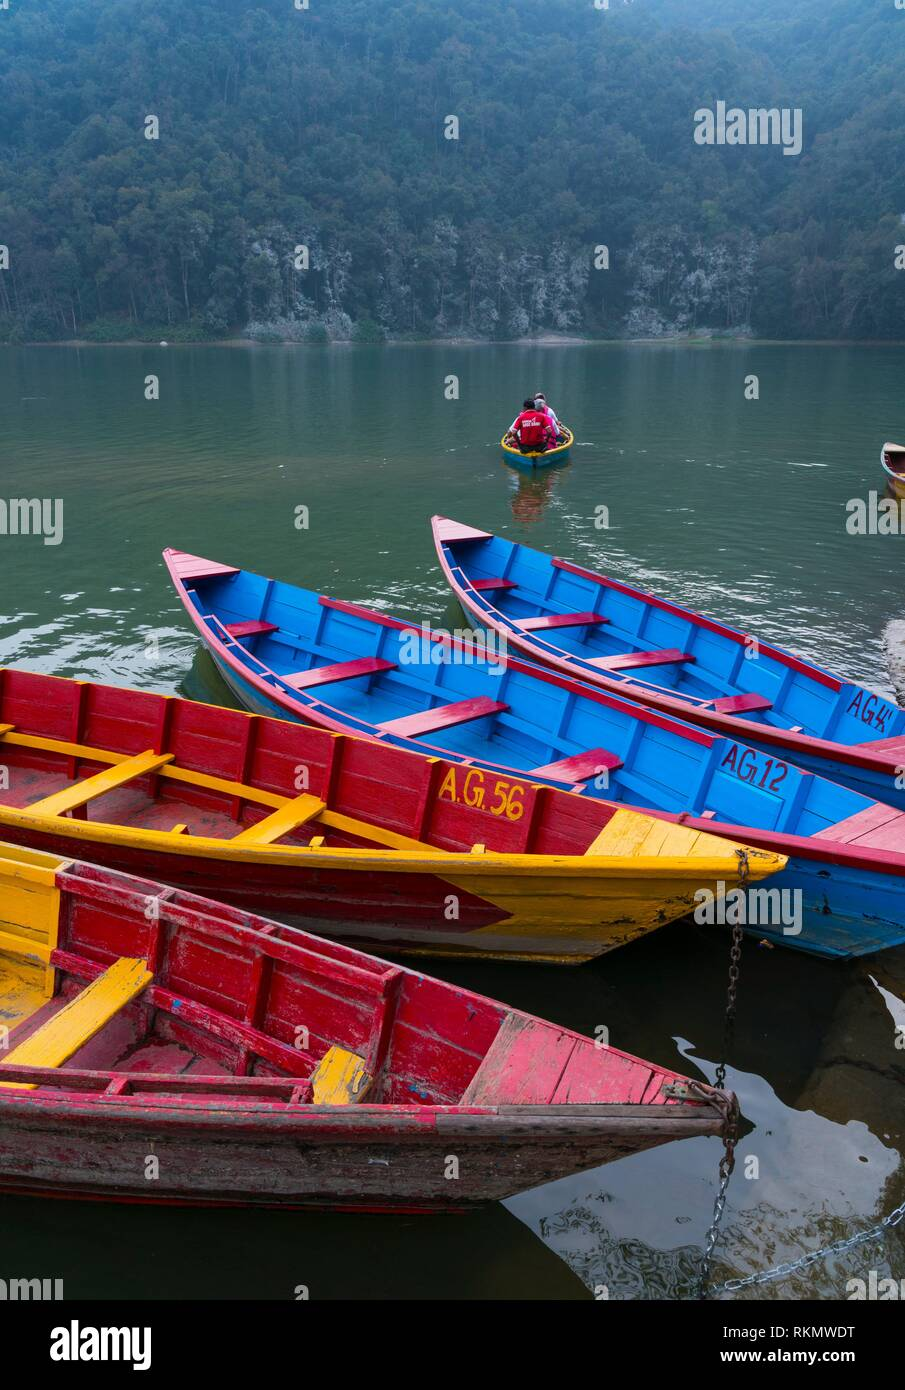 Rowing boats, Phewa Lake, Pokhara, Nepal, Asia. - Stock Image